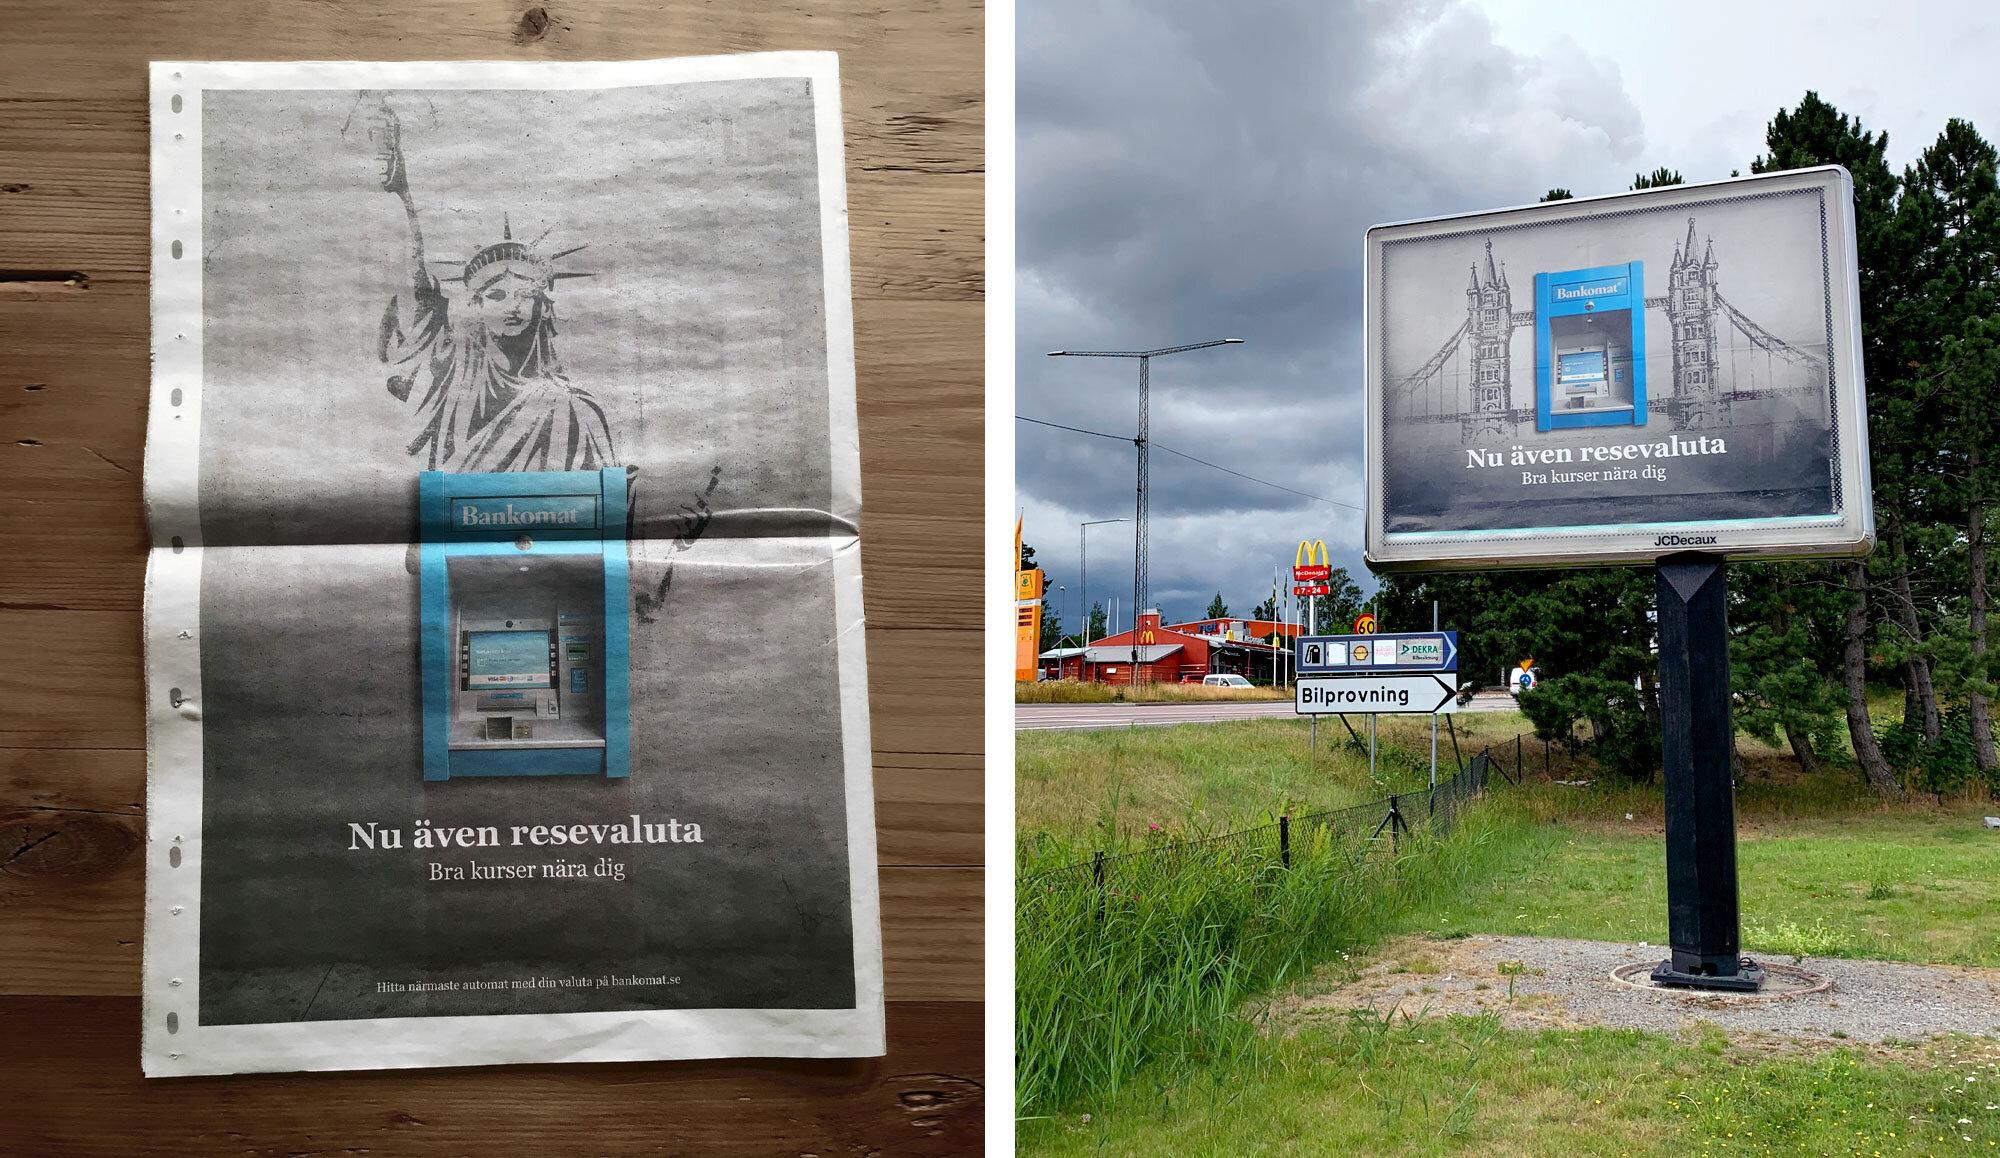 Tidningsannons och stortavla för Bankomat.